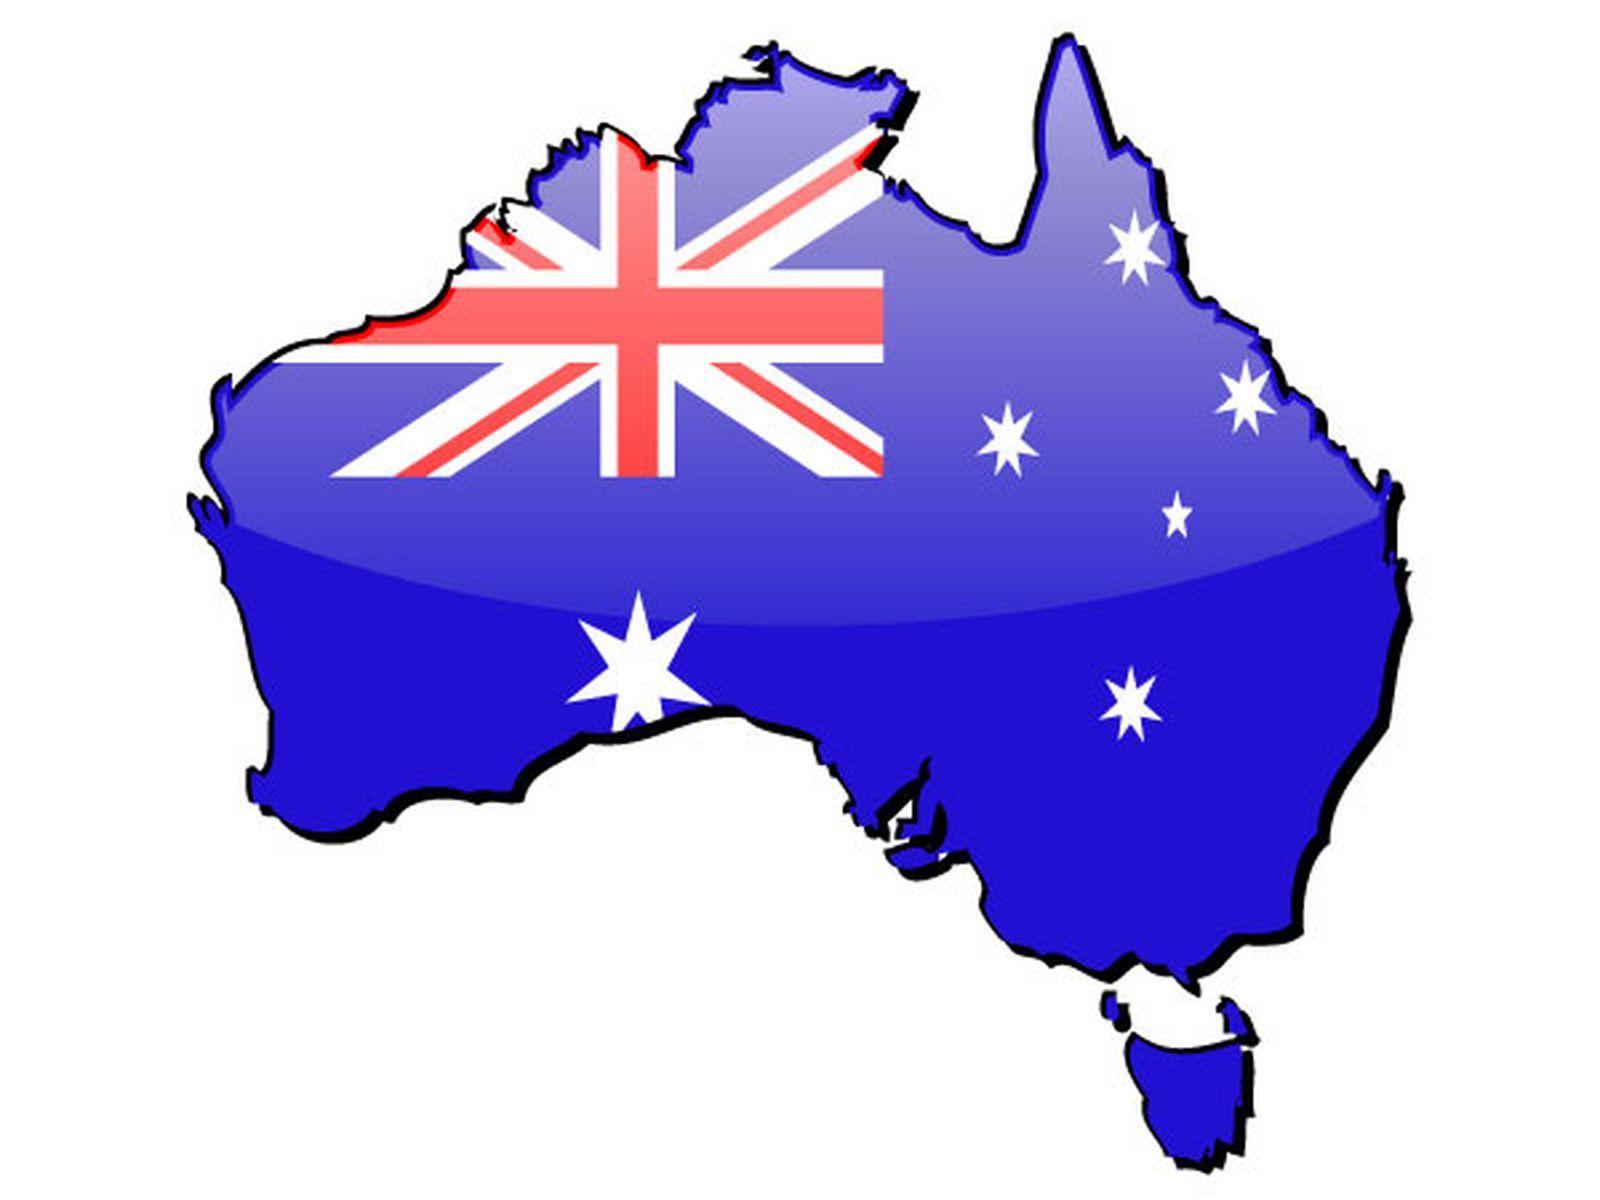 https://3.bp.blogspot.com/-LROTrTj-jN8/TgKqsbUcmYI/AAAAAAAAAJ0/2Ru6O67LhVs/s1600/australia-flag-map-wallpaper.jpg